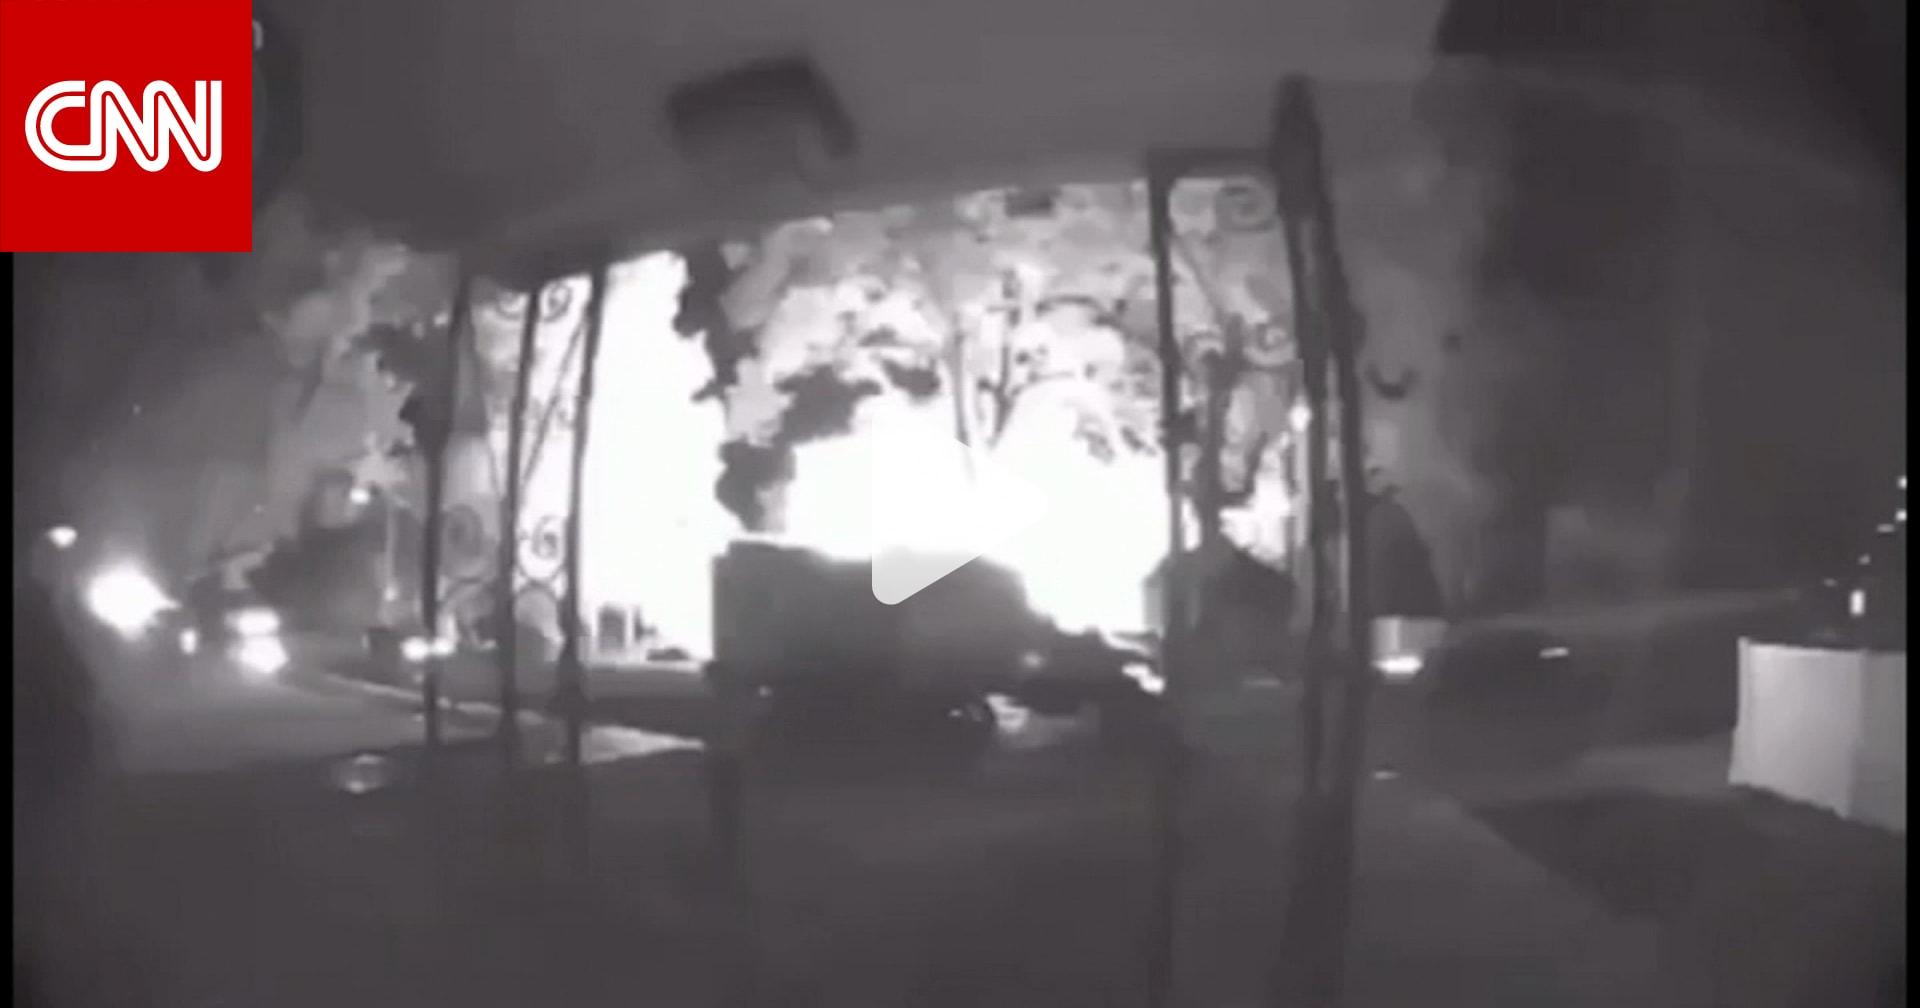 أنقذوا حياتهم دون أن يعرفوا.. انفجار ضخم يهز منزل عائلة بعد وقت وجيز من مغادرته